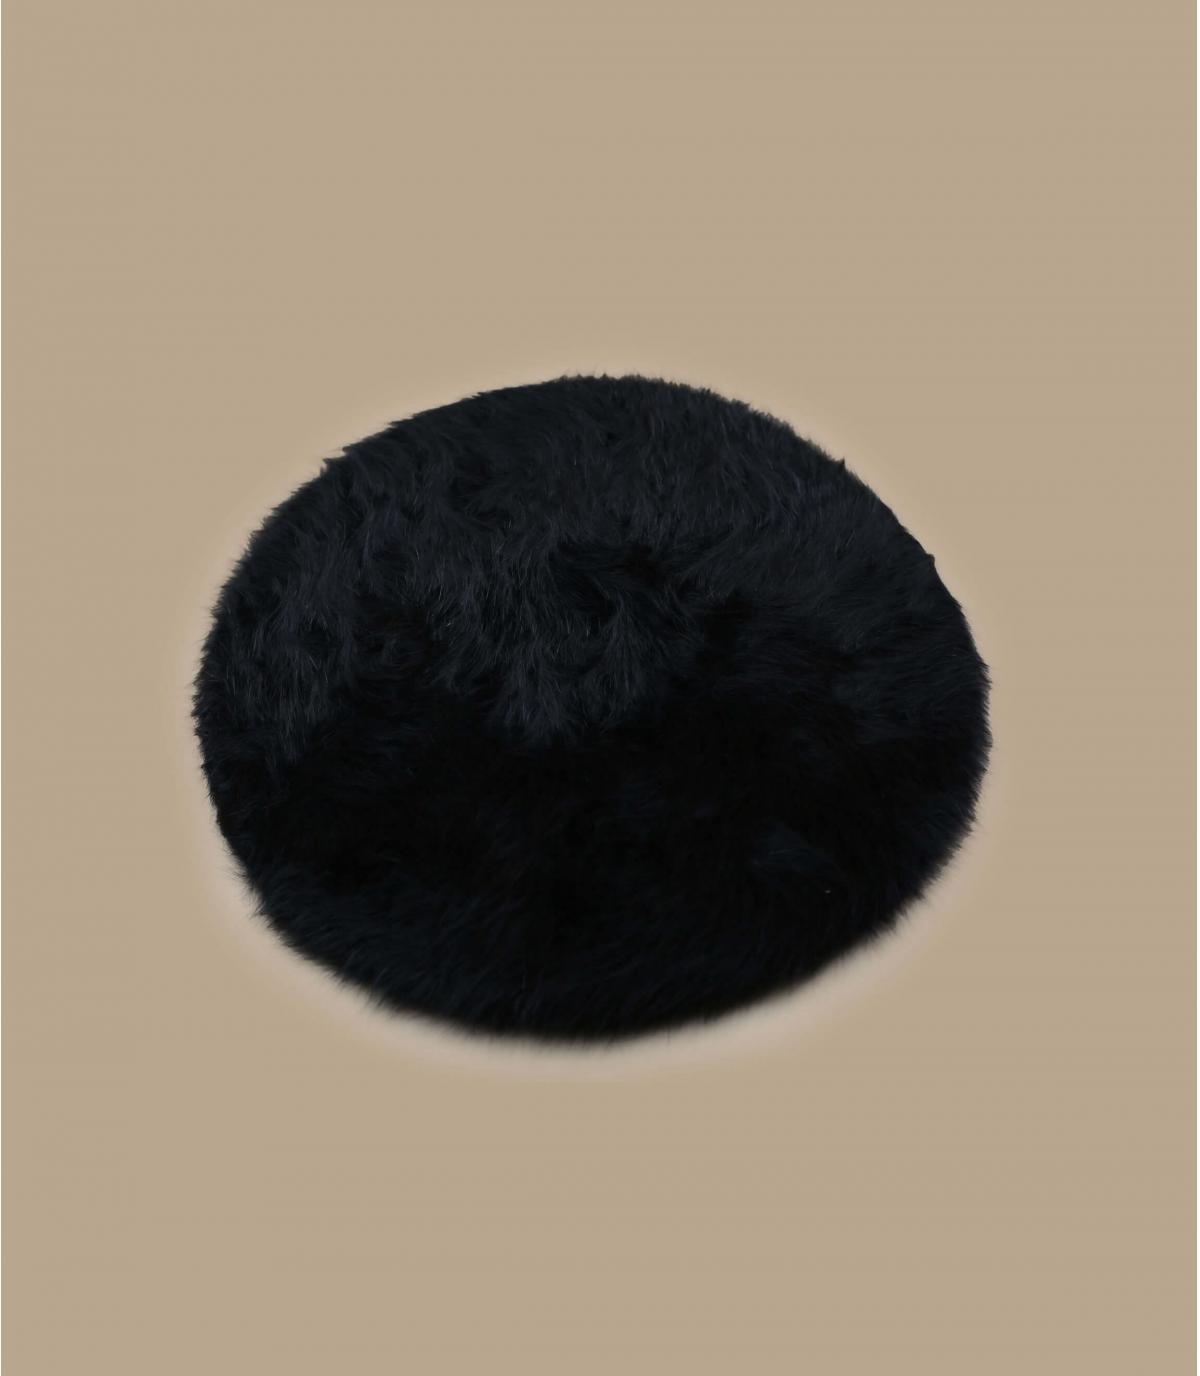 Détails Beret angora black - image 2